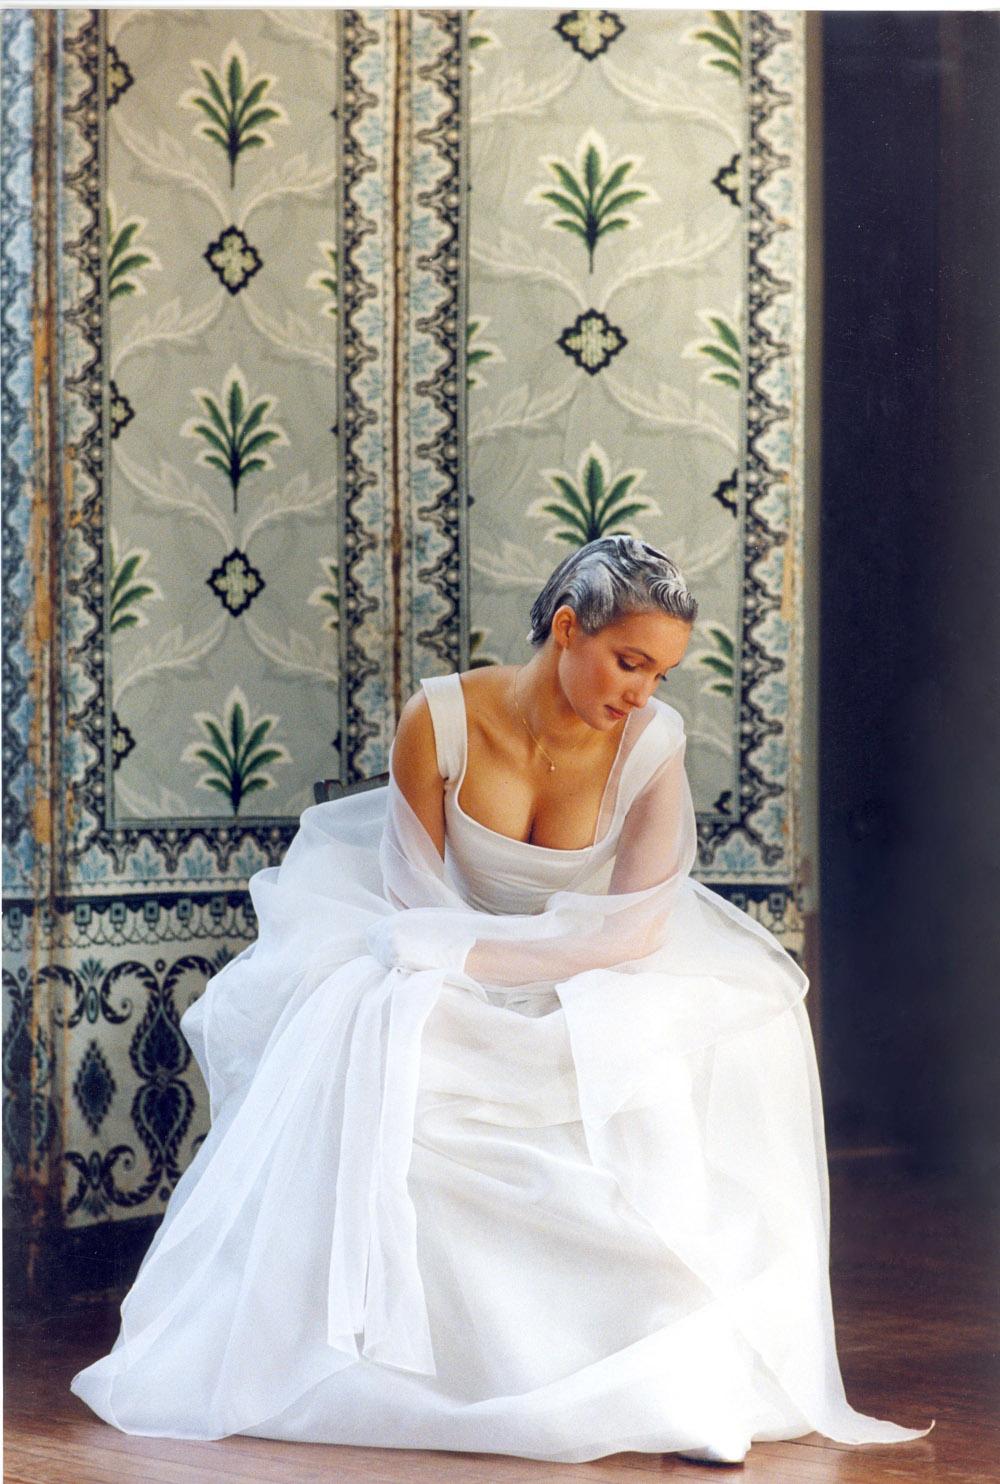 paravent-atelier-cezanne-mariees-de-aix-en-provence-robe-de-mariee-createur-luxe-haute-couture-creat